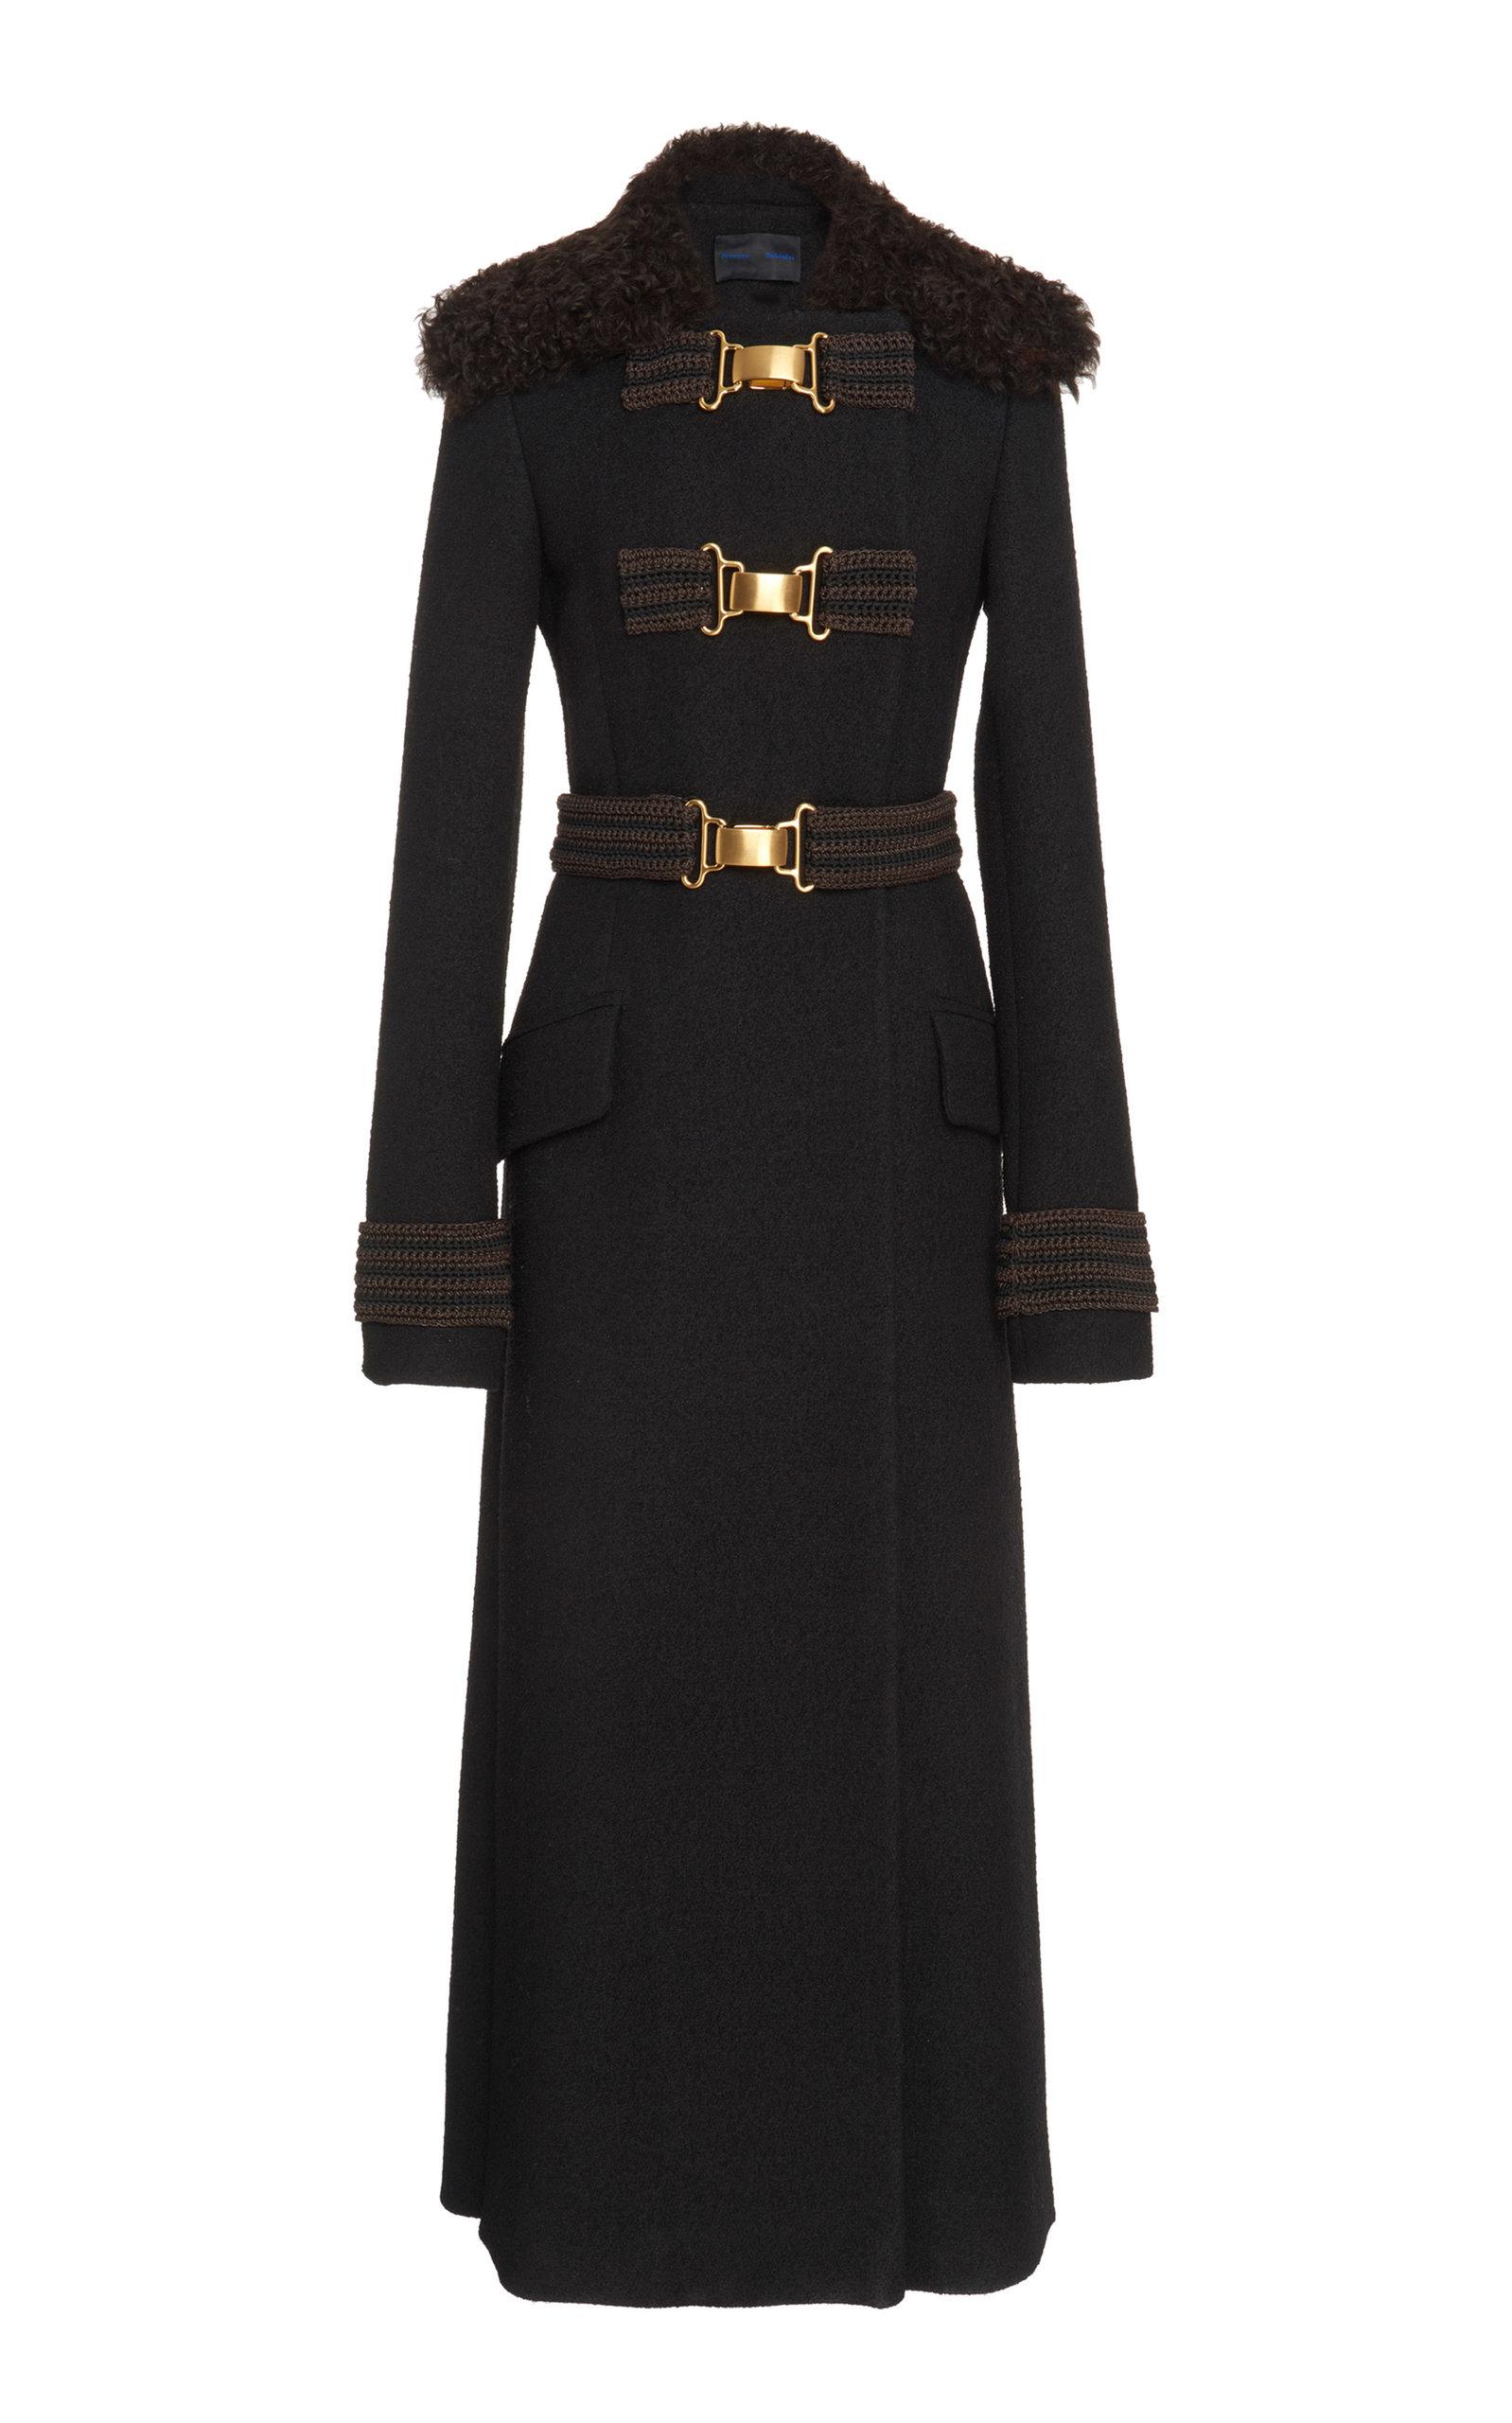 Boucle Long Coat by Proenza Schouler